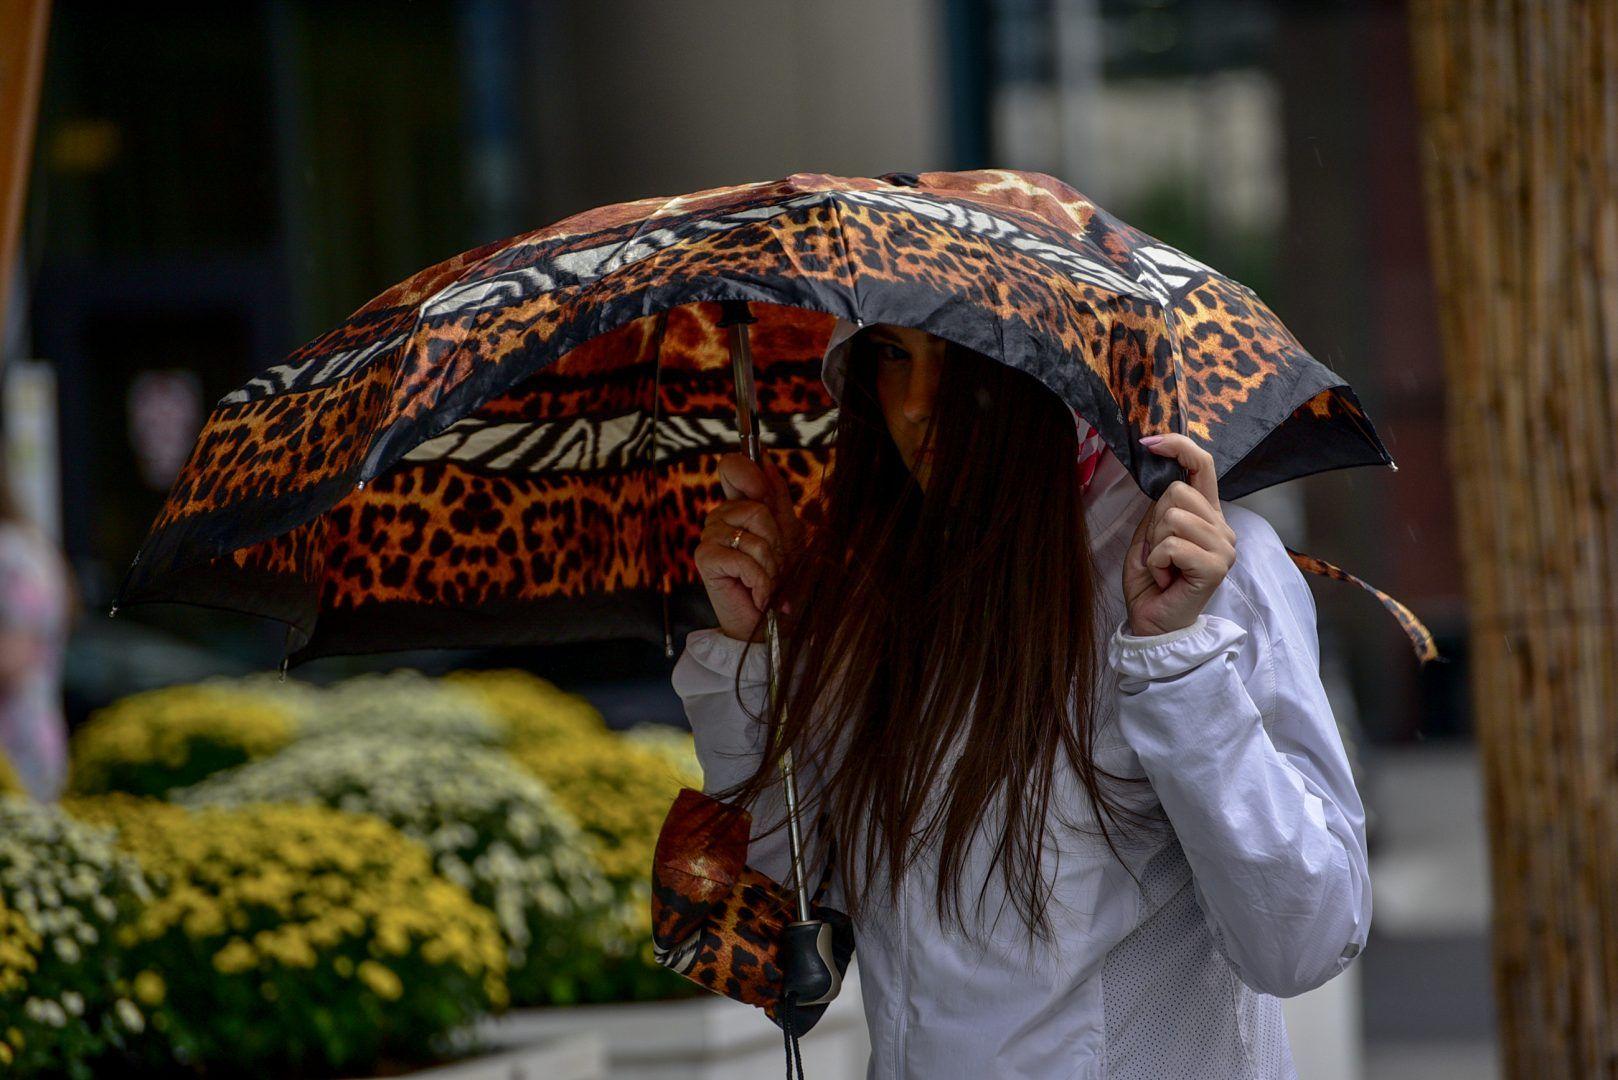 Ожидаемые дожди в столице пополнят копилку осадков. Фото: Пелагия Замятина